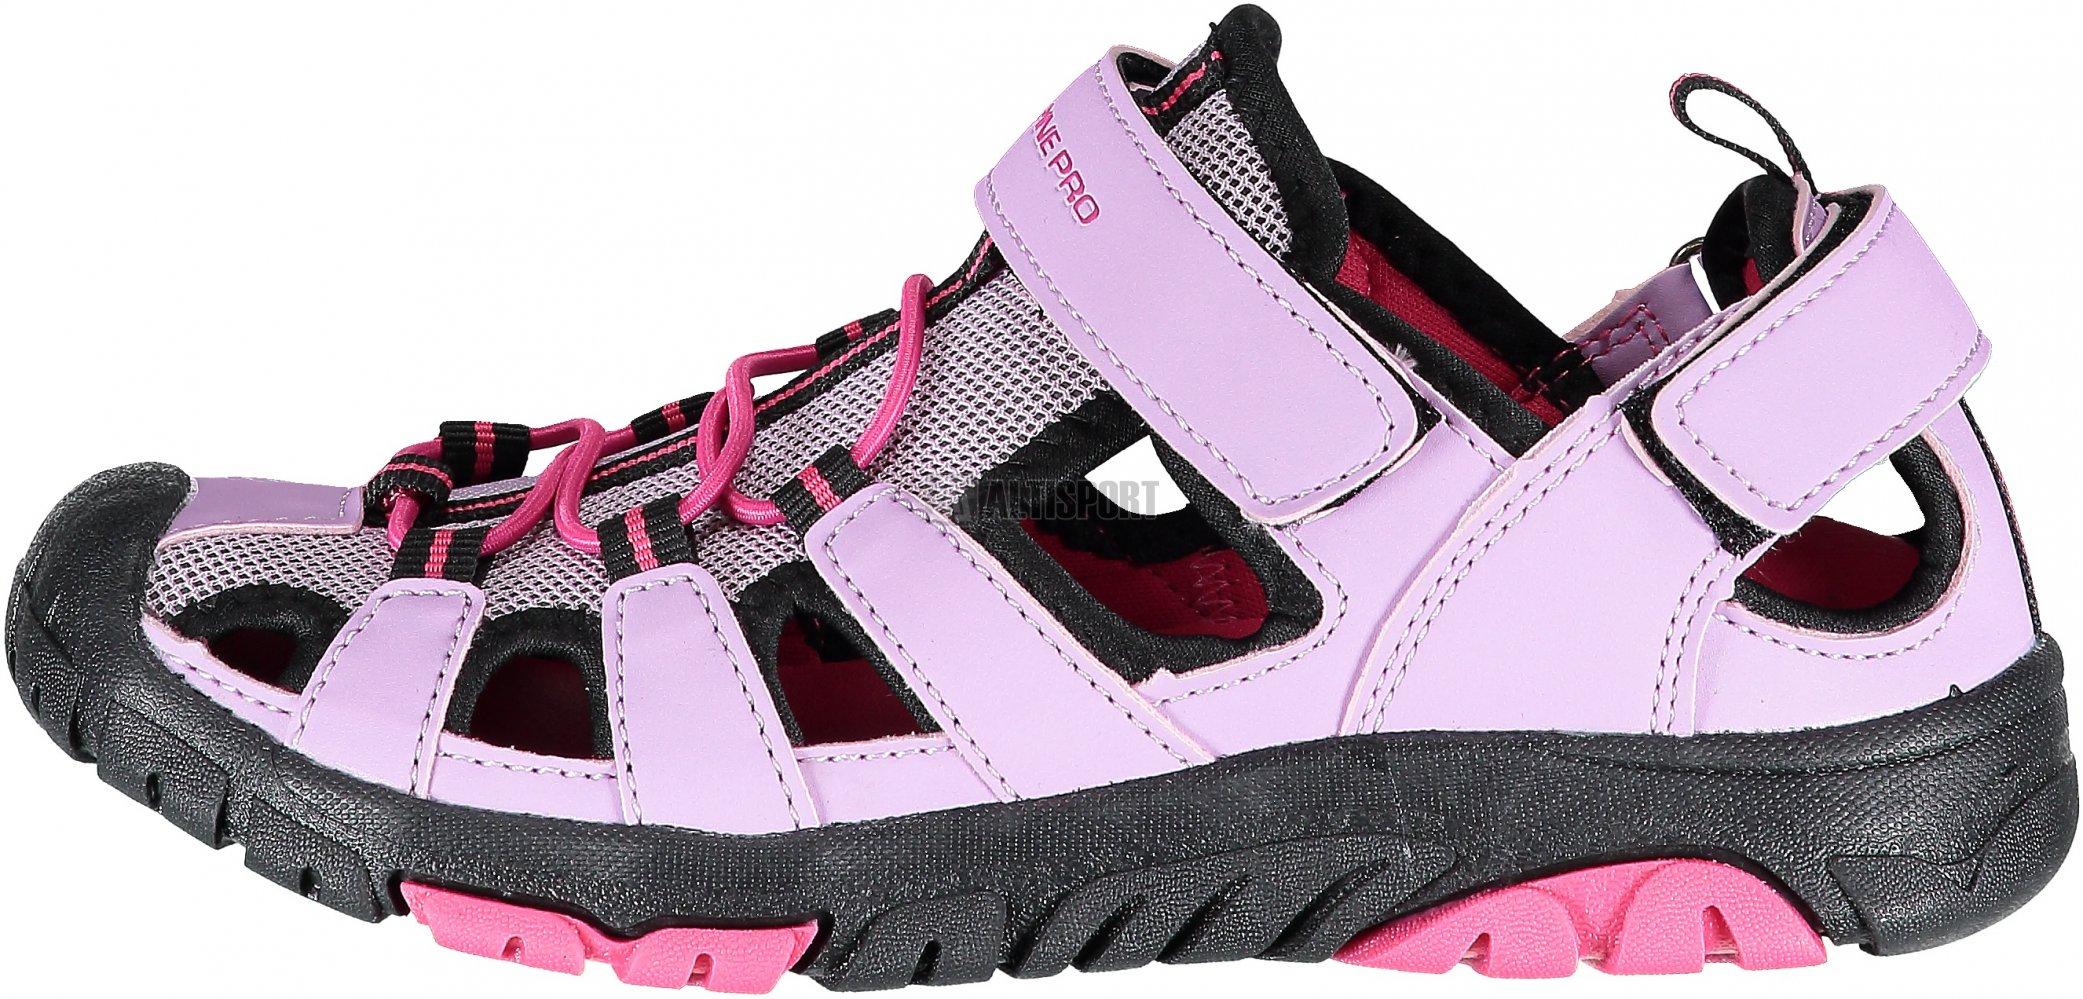 26cc0bb00012 Dětské sandále ALPINE PRO DISLO KBTL167 RŮŽOVÁ velikost  EU 28 ...